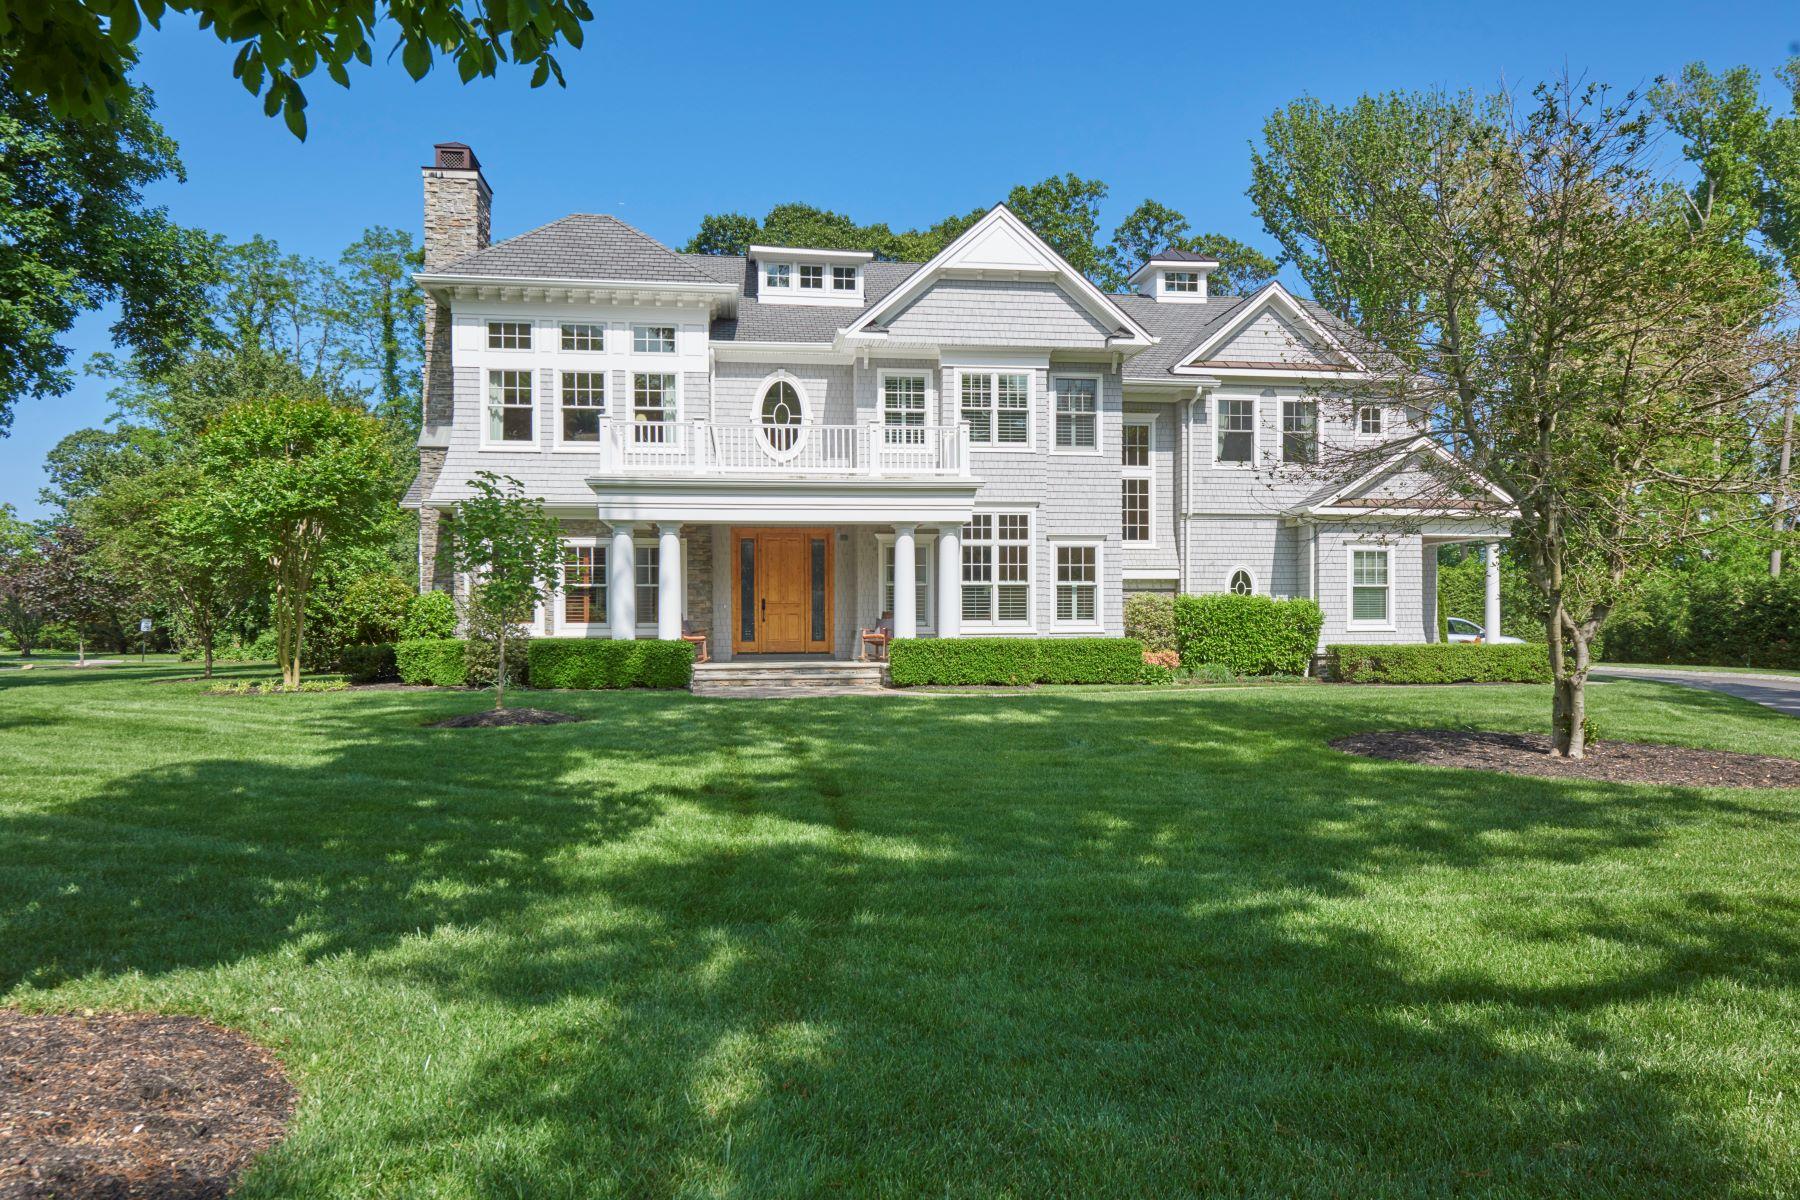 Maison unifamiliale pour l Vente à Classic Seashore Colonial 35 Navesink Ave, Rumson, New Jersey 07760 États-Unis